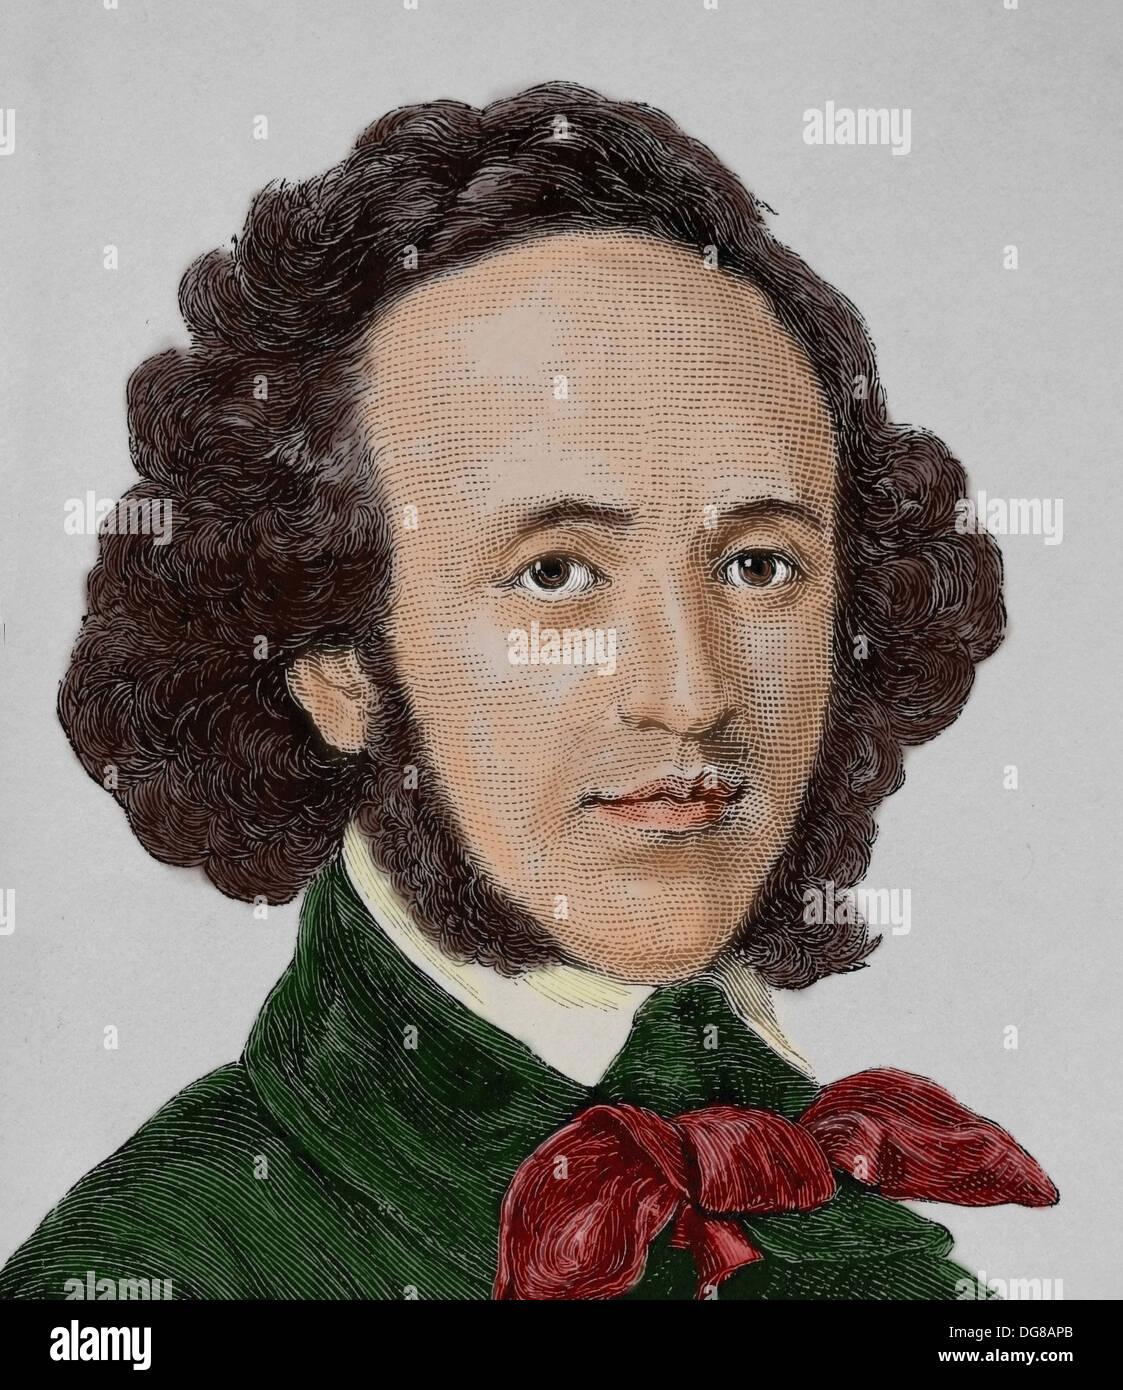 Felix Mendelssohn (1809-1847). Deutscher Komponist, Pianist, Organist und Dirigent der frühen Romantik. Gravur. Stockbild